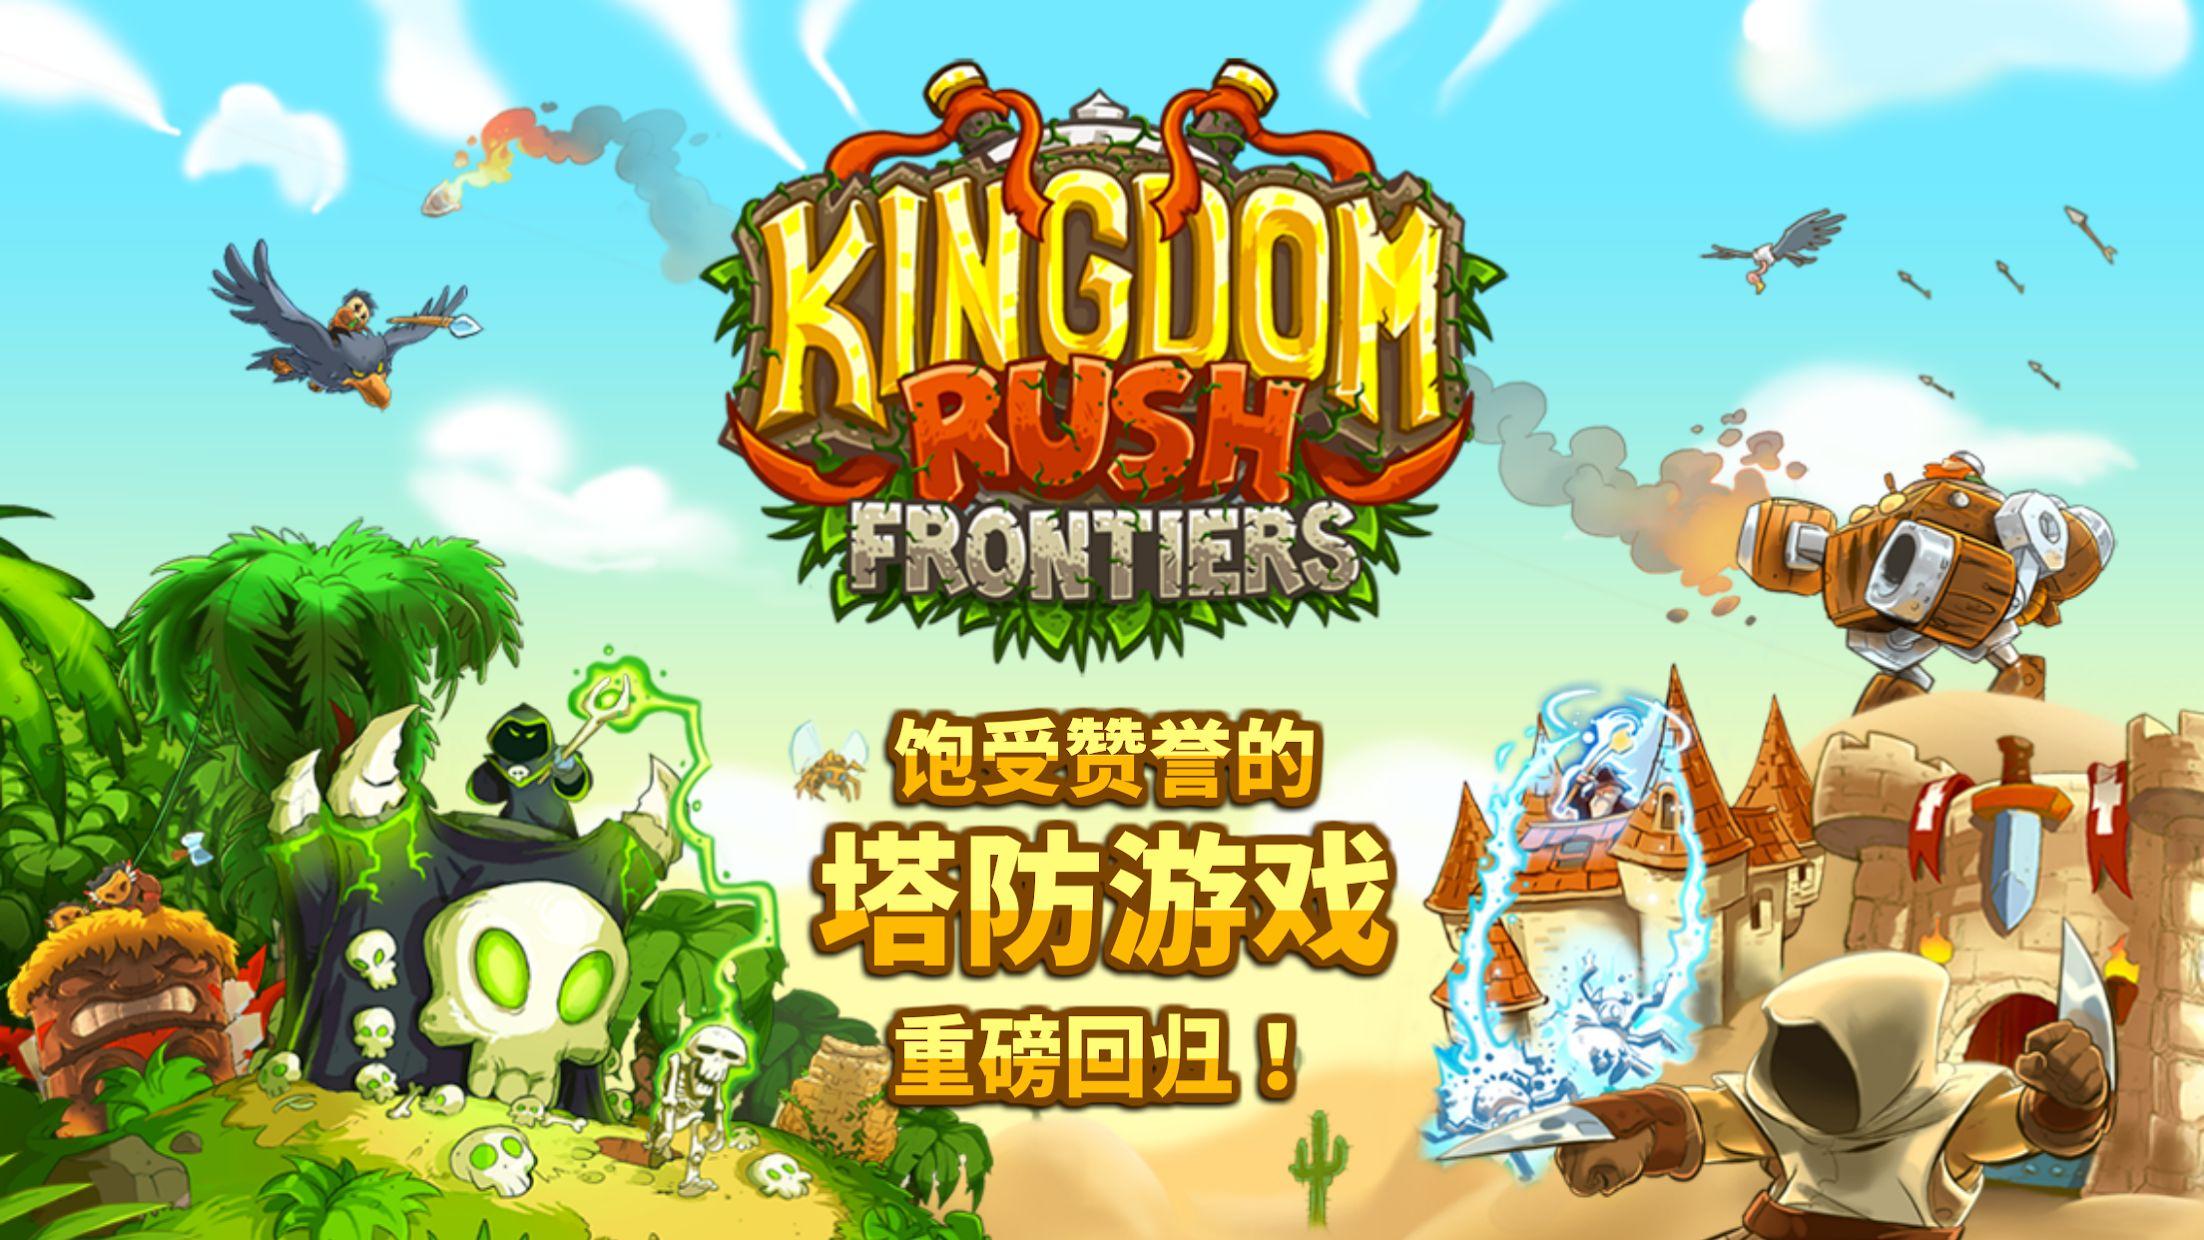 王国保卫战:前线 游戏截图1